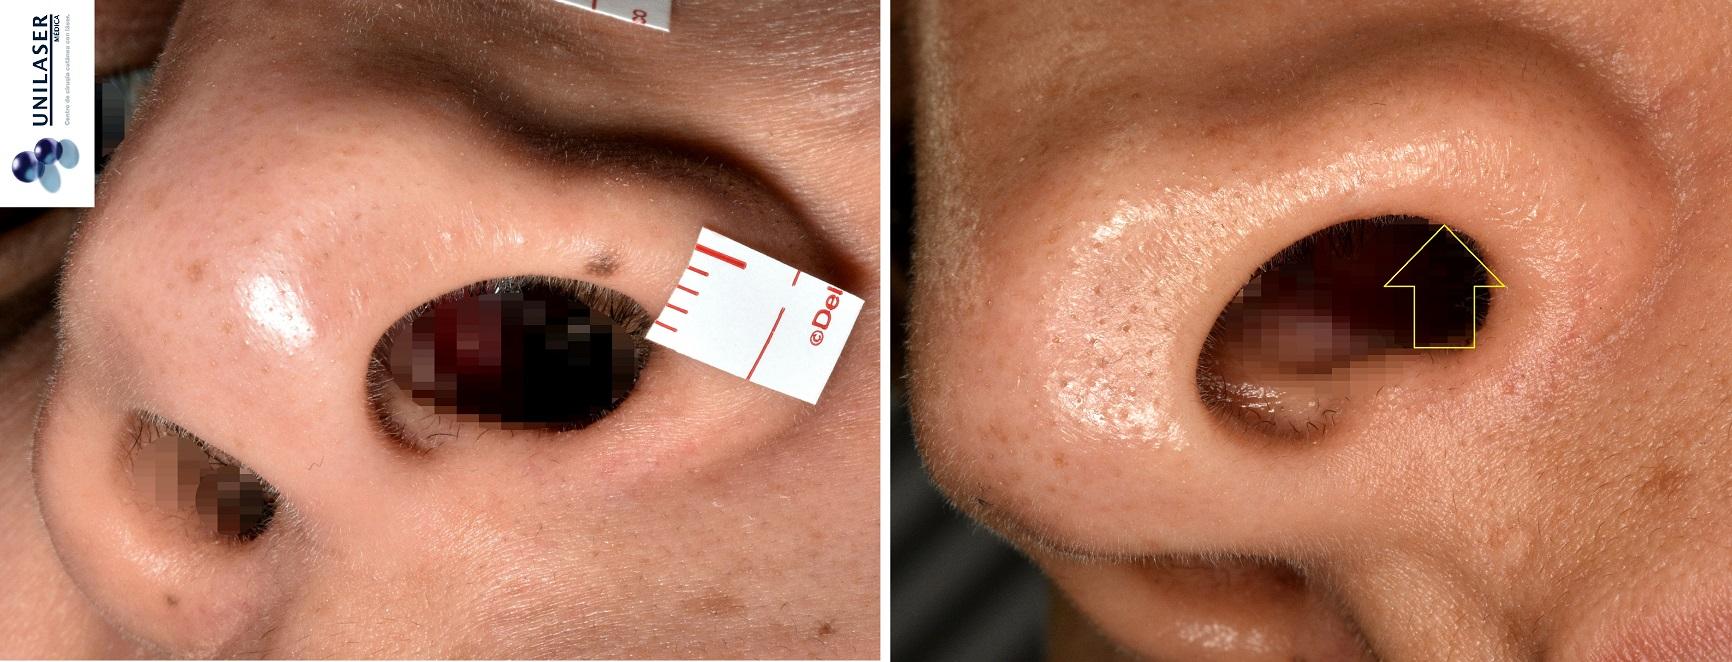 Remoción de lunar del ala nasal con láser Erbio-YAG Fotona